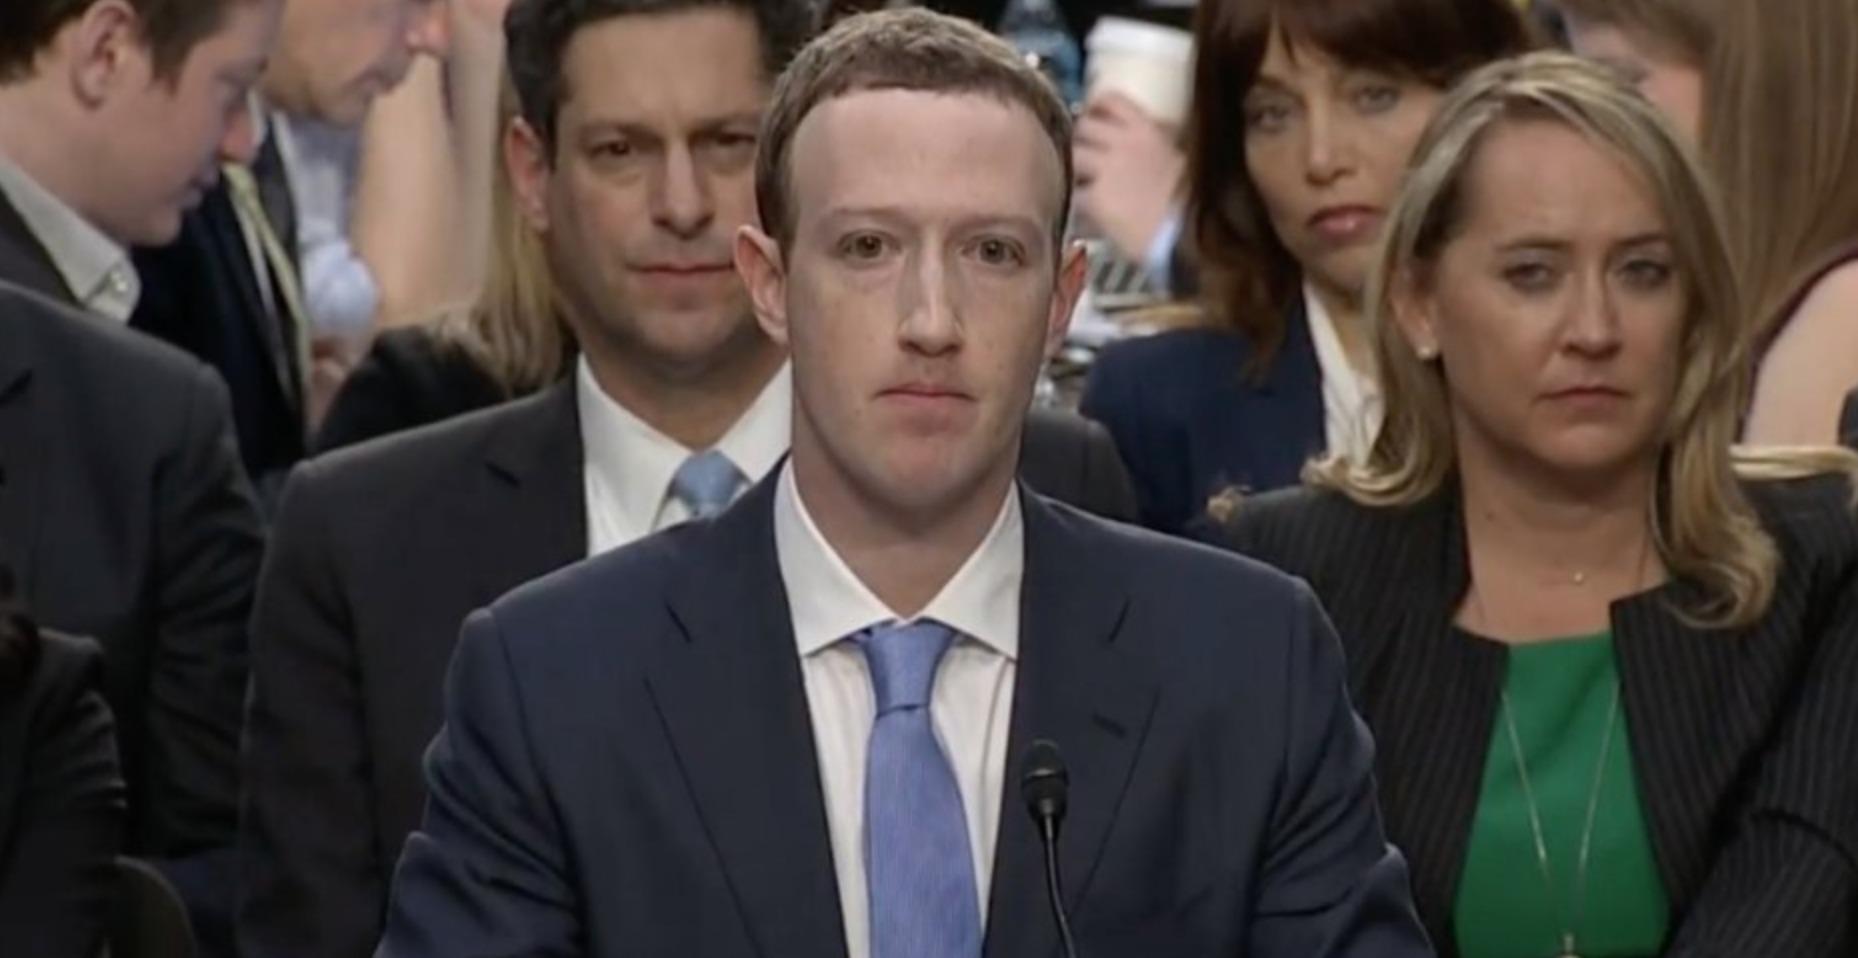 Lo que tienes que saber sobre Mark Zuckerberg testificando ante el Senado de EE.UU.